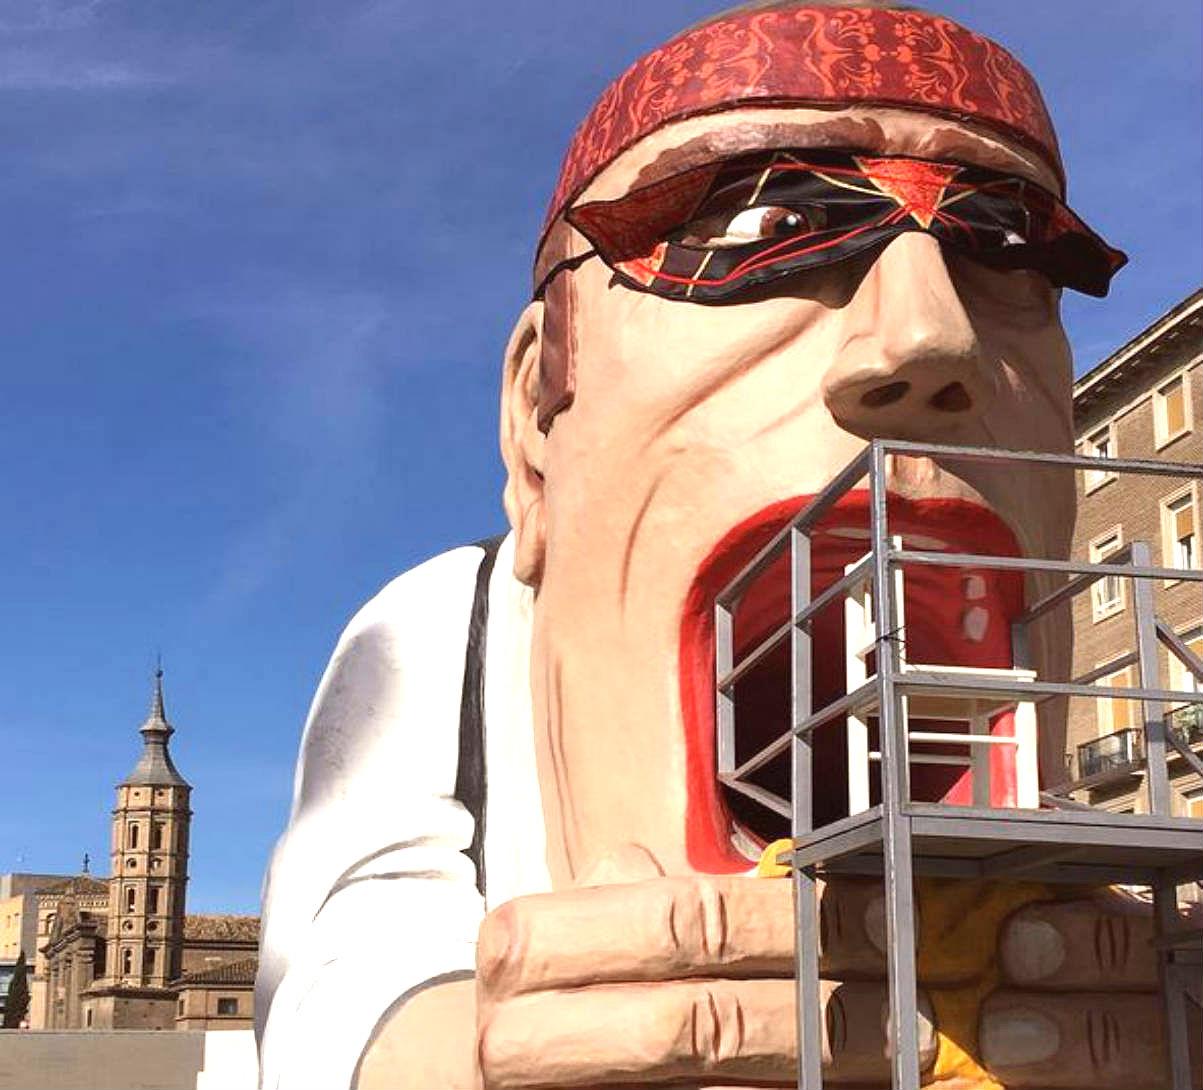 Horario del Tragachicos en las Fiestas del Pilar 2016